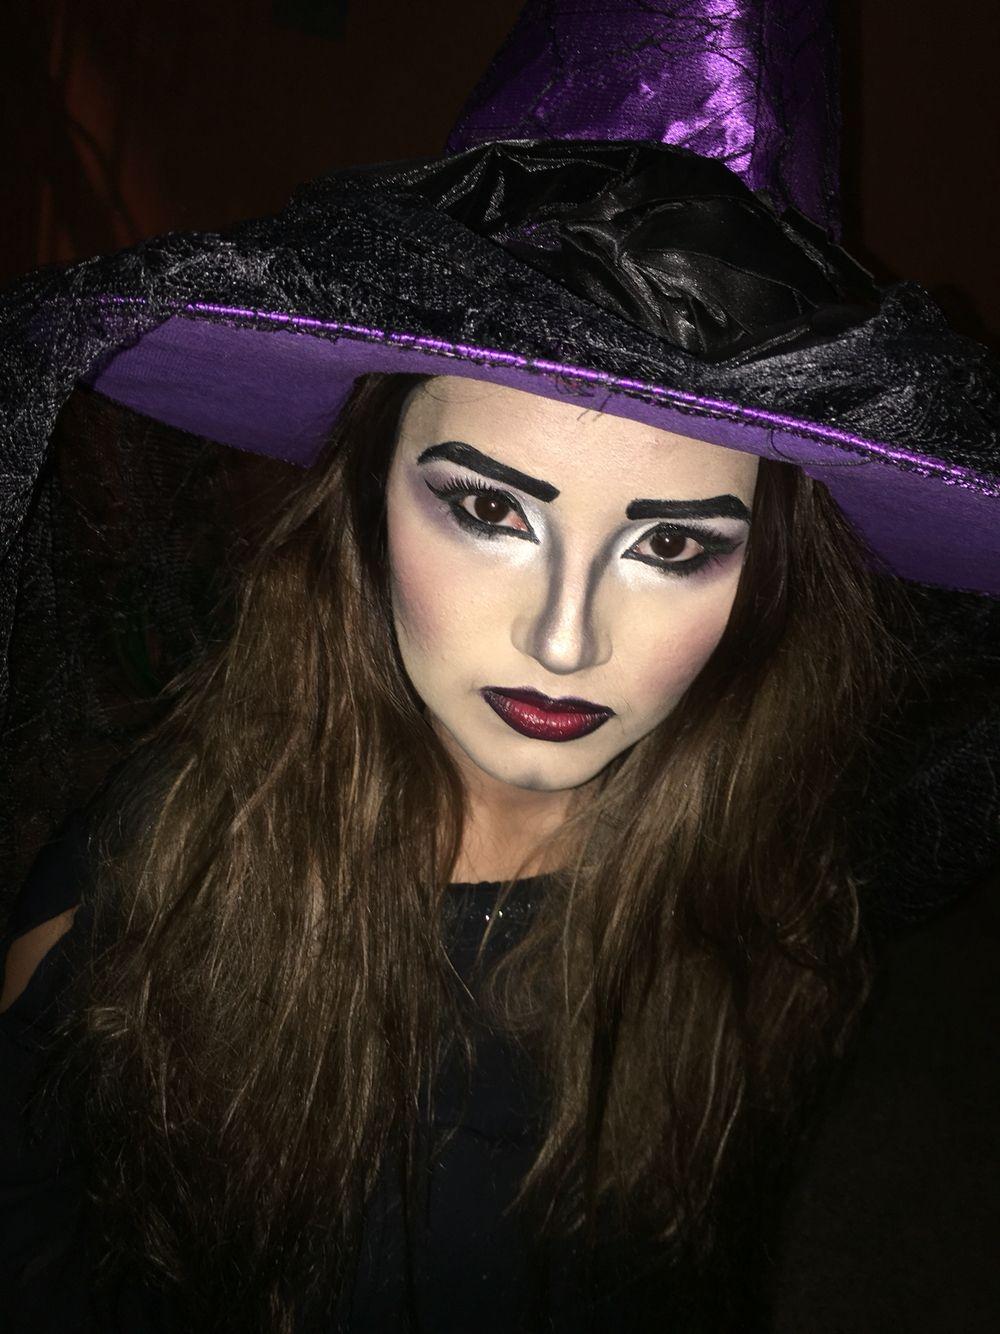 Disfraz Halloween 2015, maquillaje bruja Maquillaje de bruja